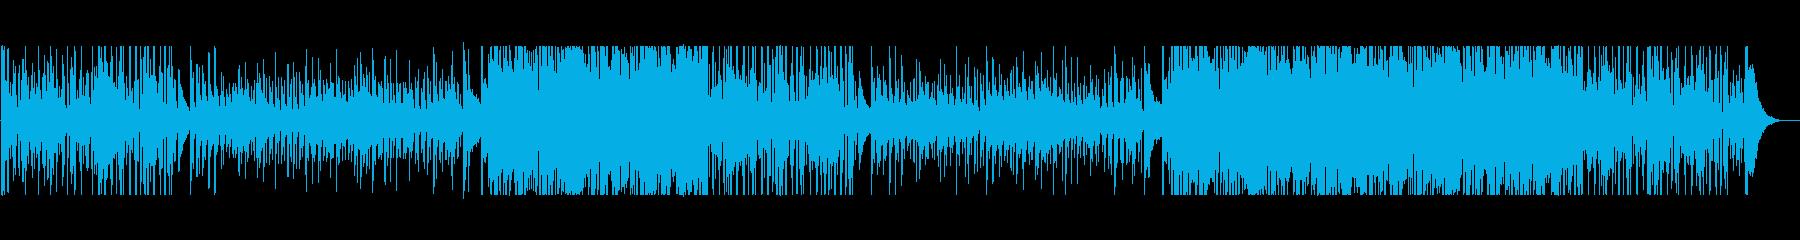 バーレスク風ビッグバンドオーケストラ楽曲の再生済みの波形